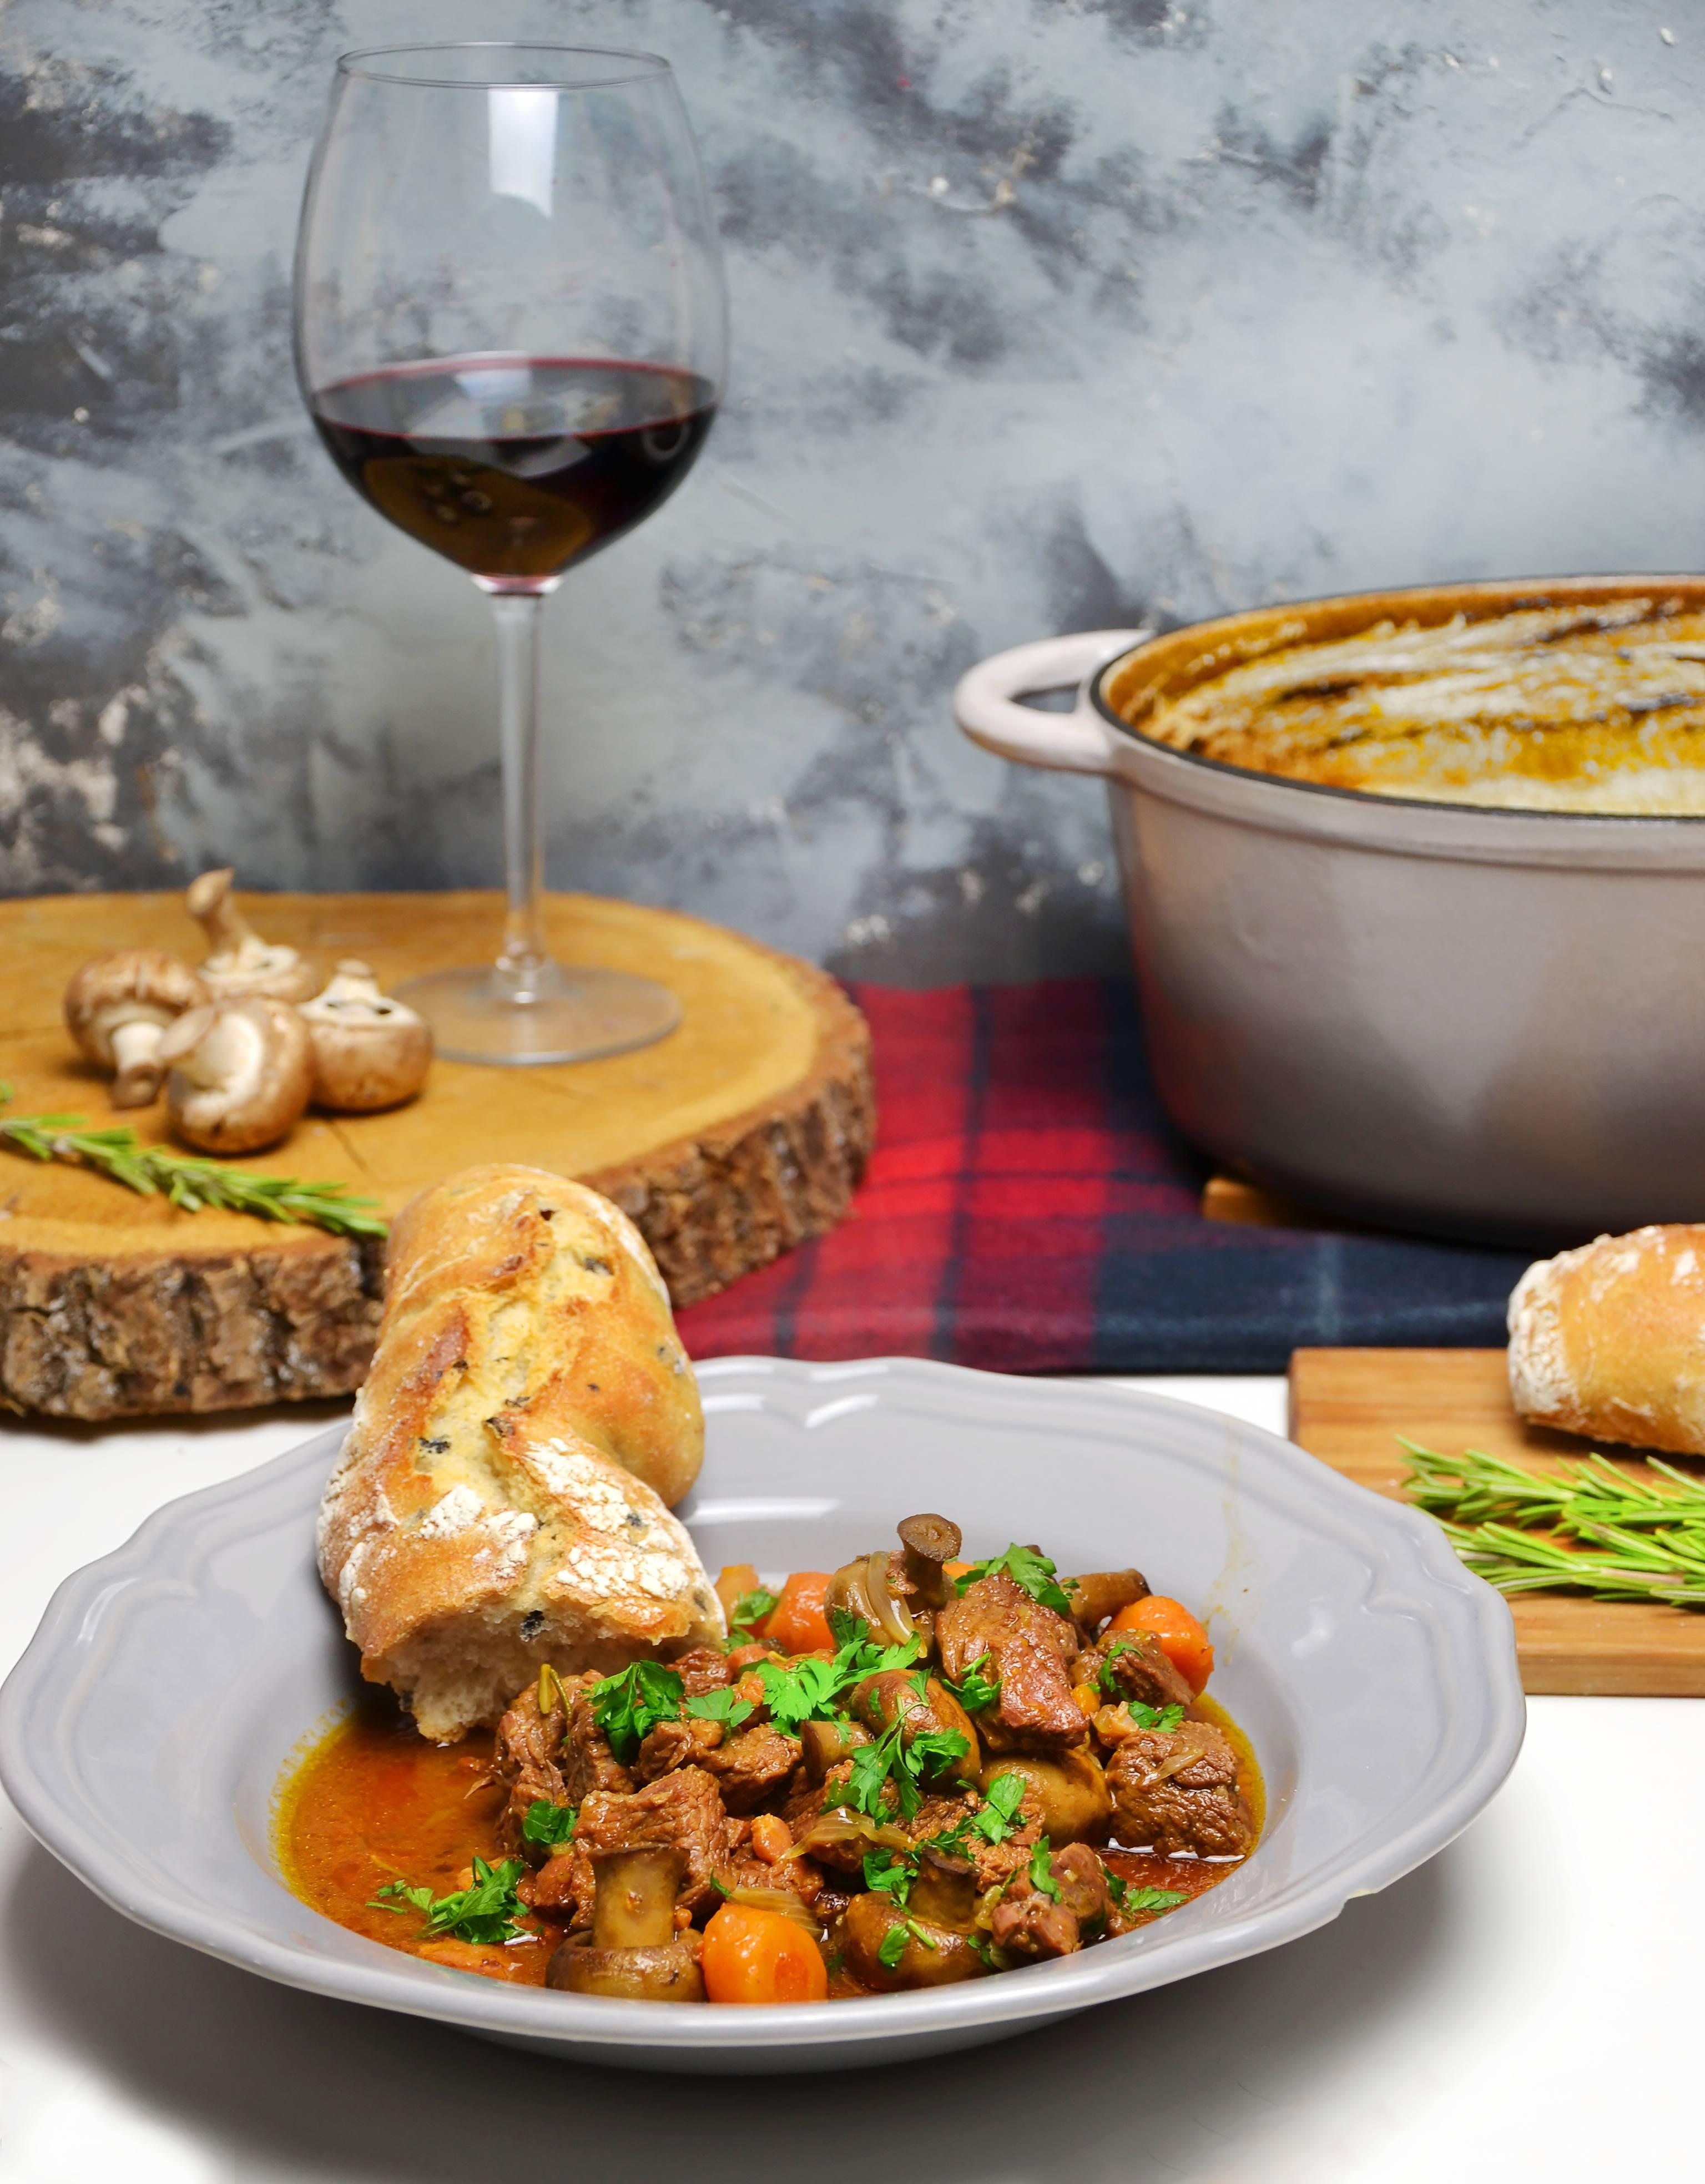 Carne bourguignon